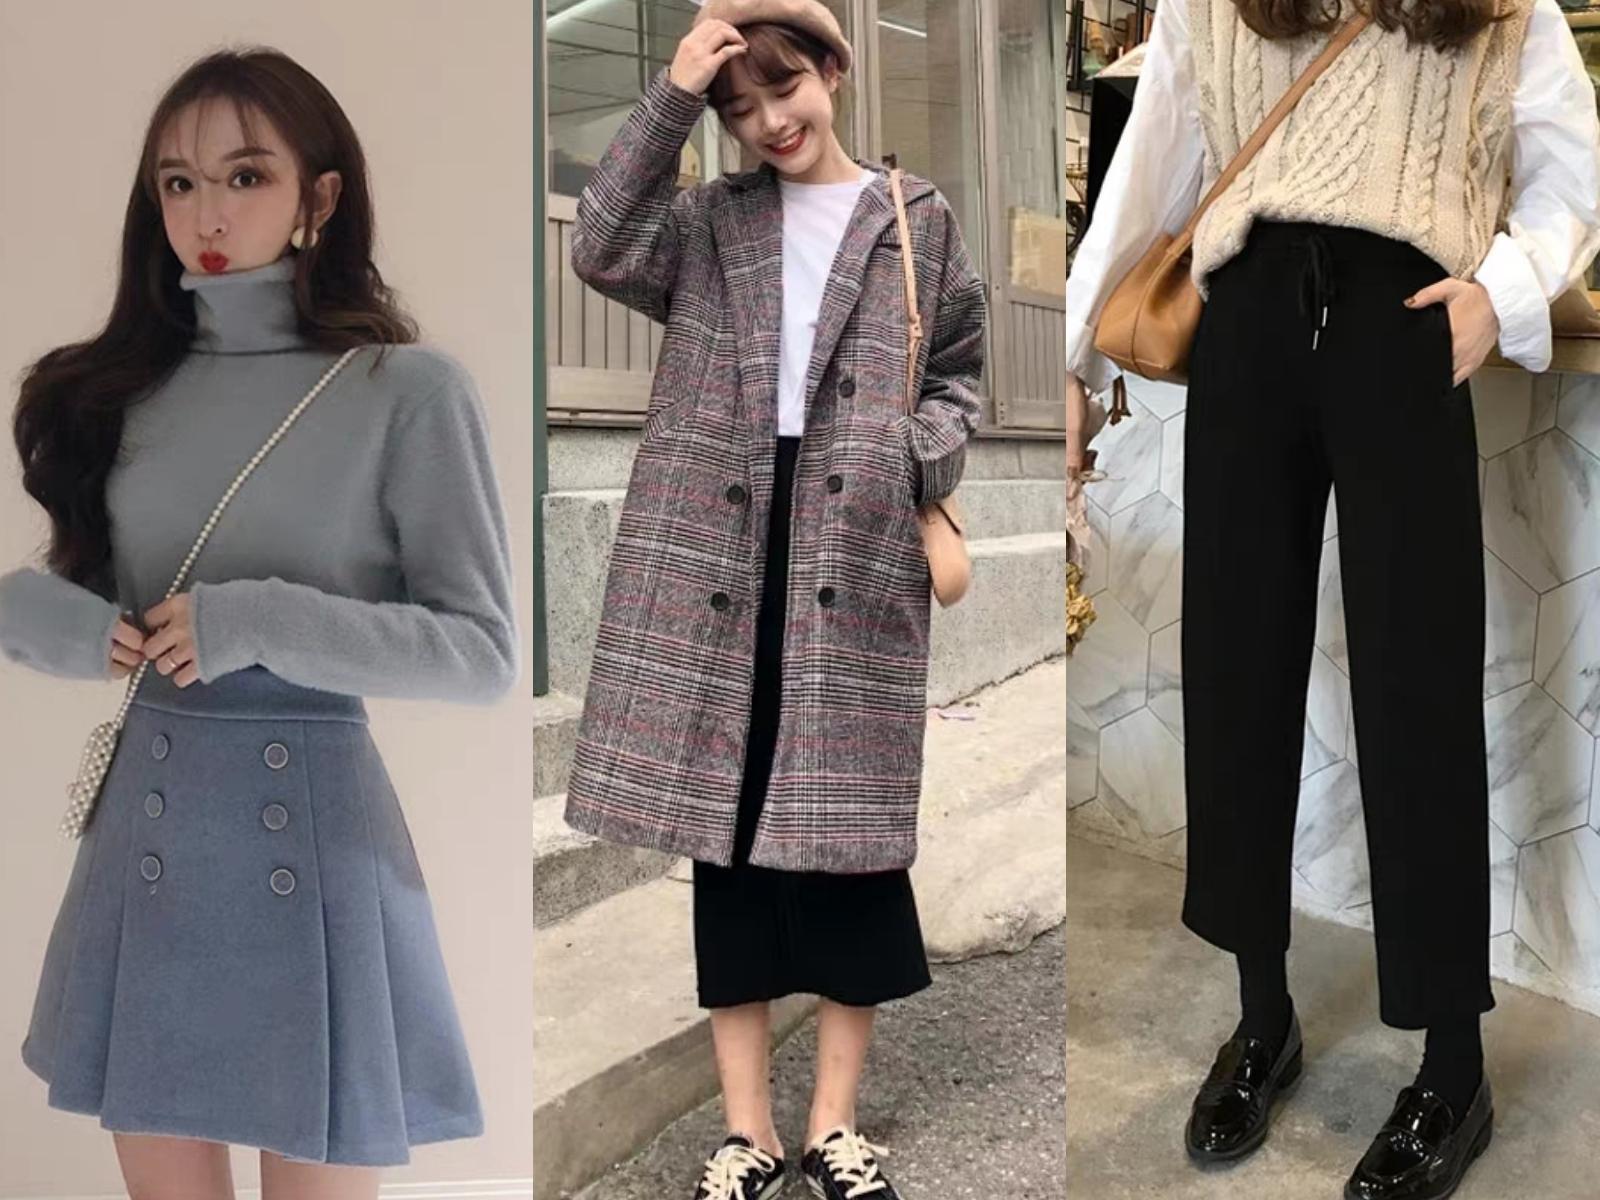 适合20-30岁梨形身材女人的穿搭技巧,冬季这样穿显瘦好看图片